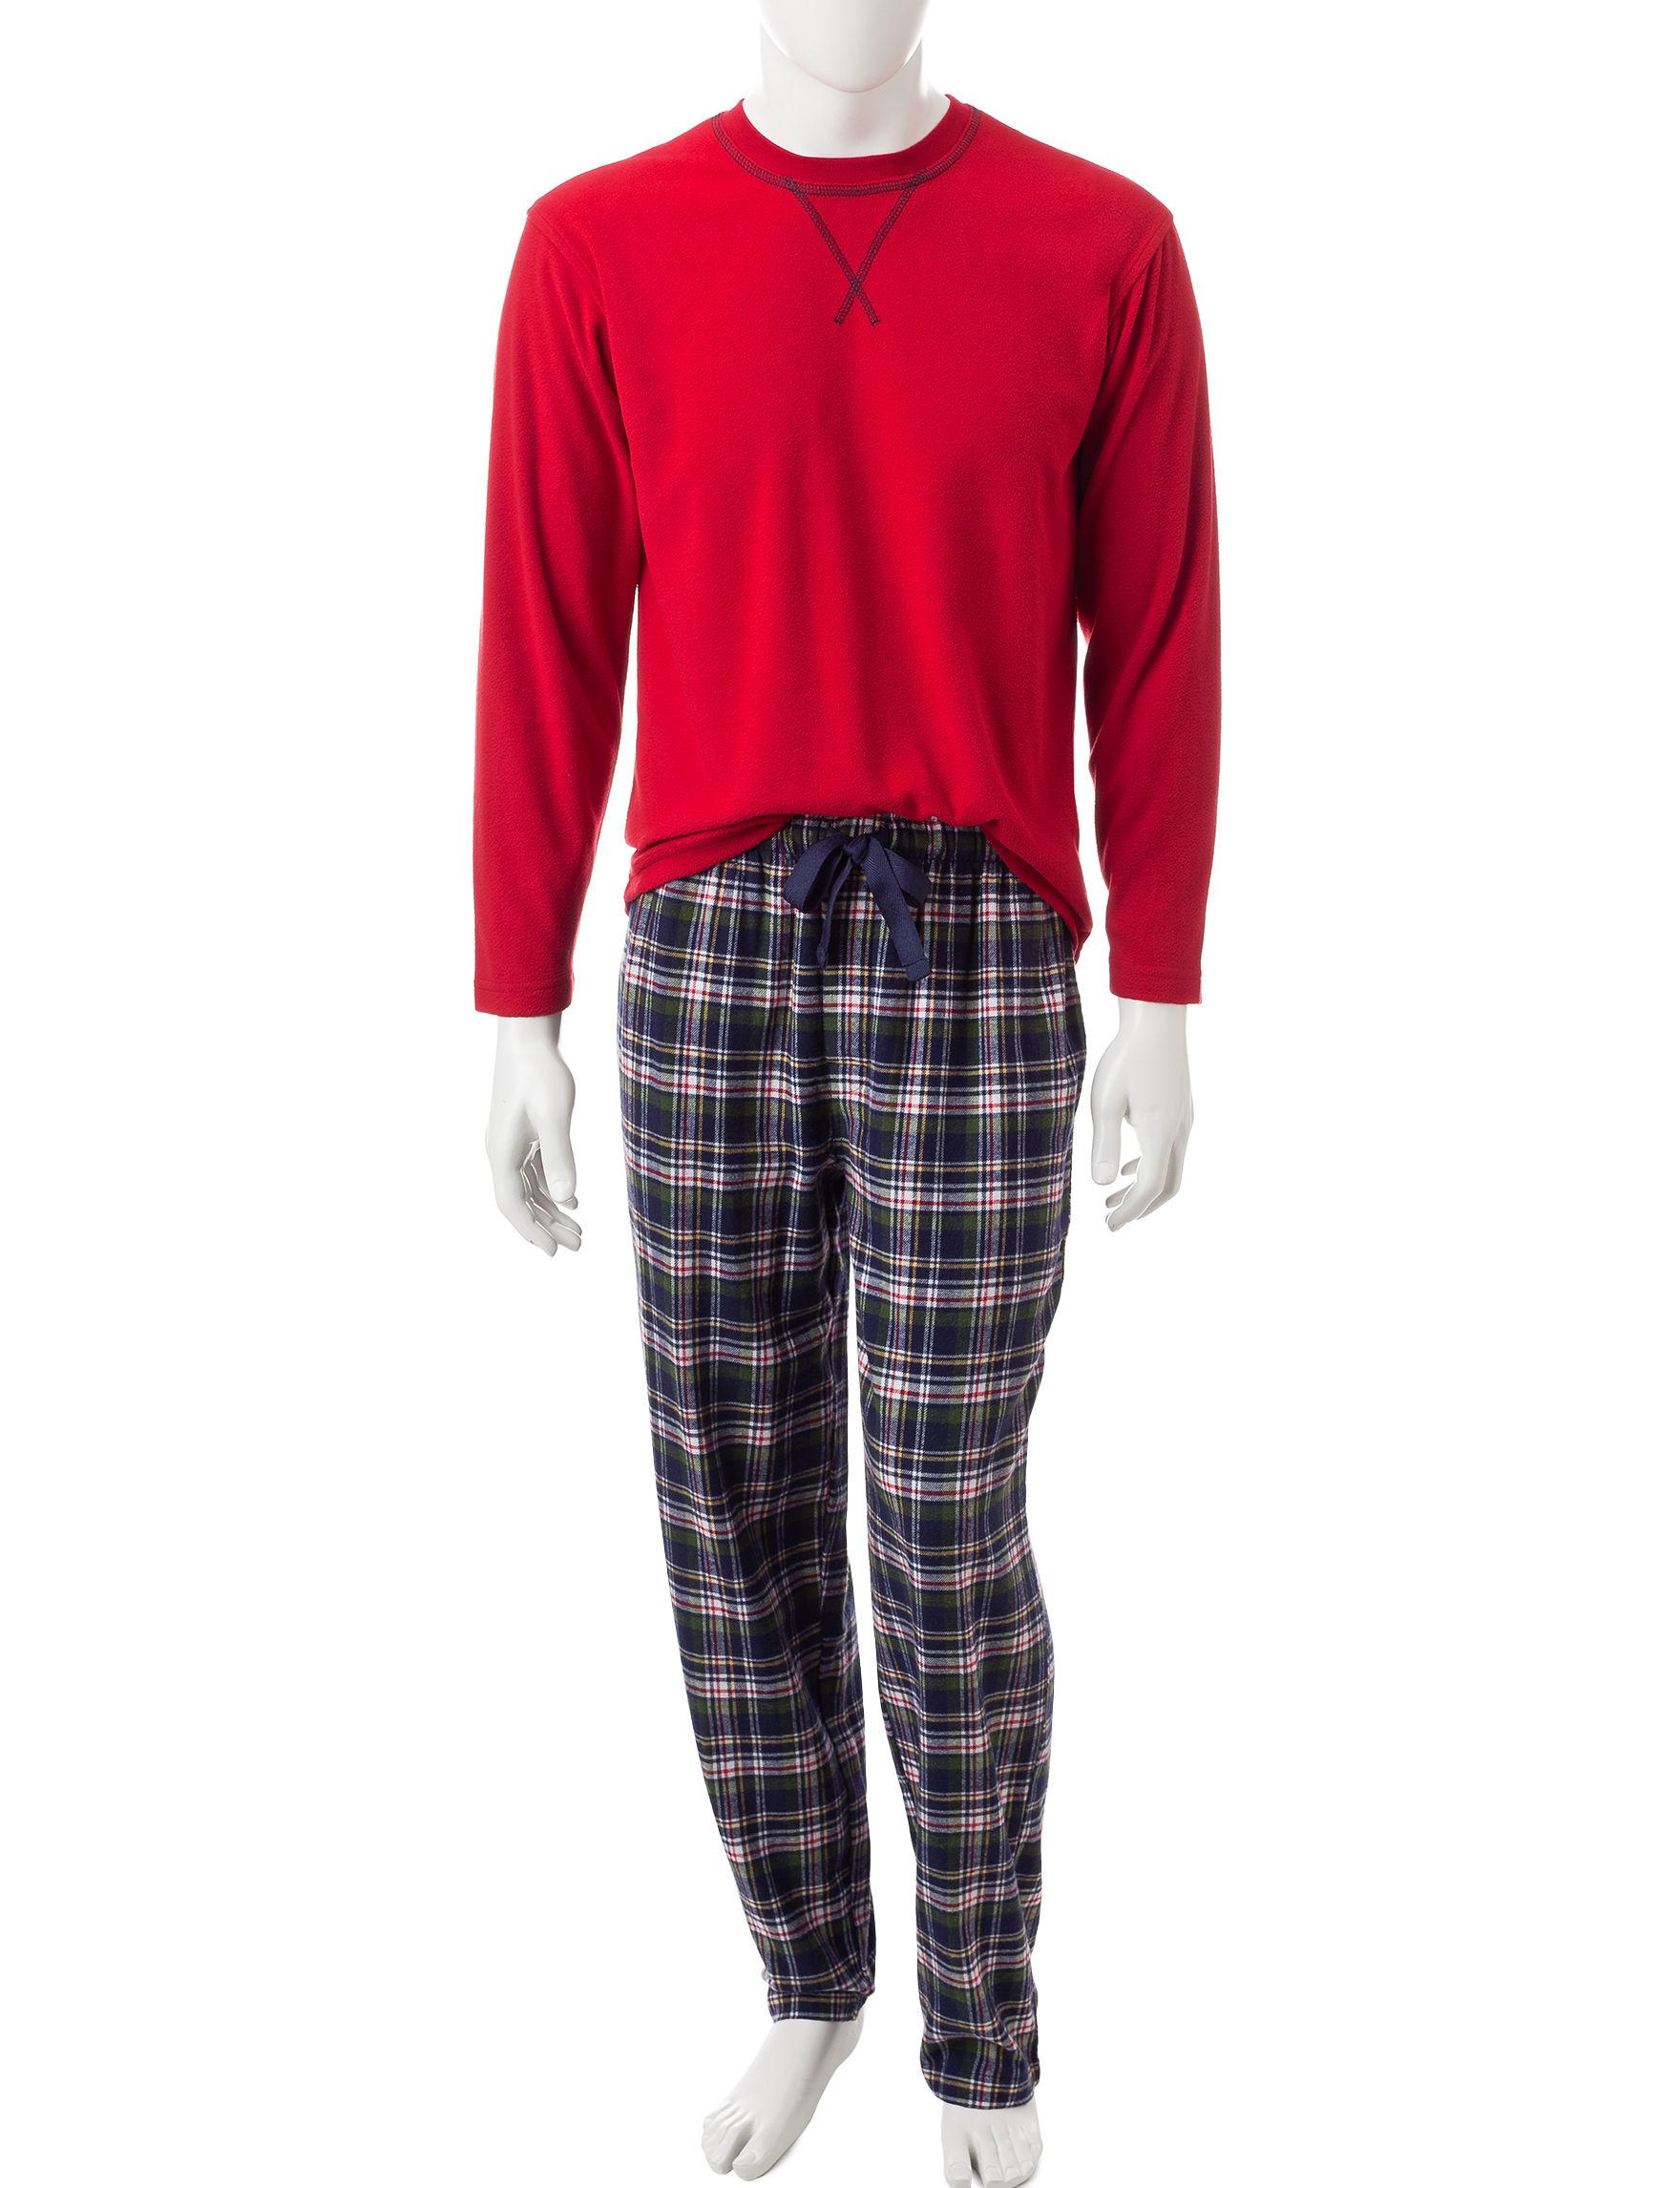 Izod Red Pajama Sets